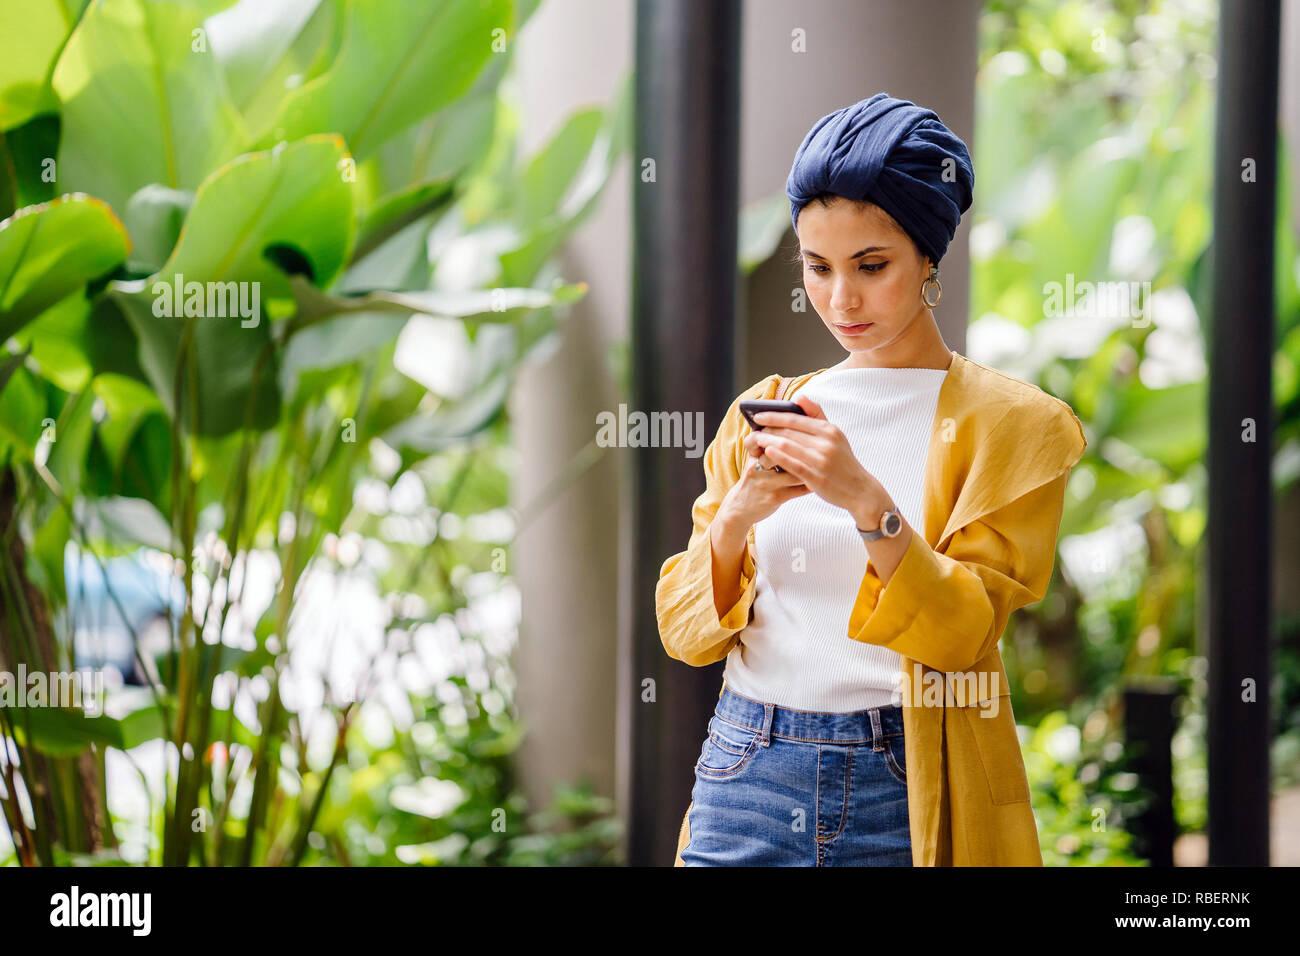 Ein naher Osten arabische Frau mit Kopftuch ist SMS und Messaging auf Ihrem Smartphone auf einer Straße in der Stadt während des Tages. Stockbild